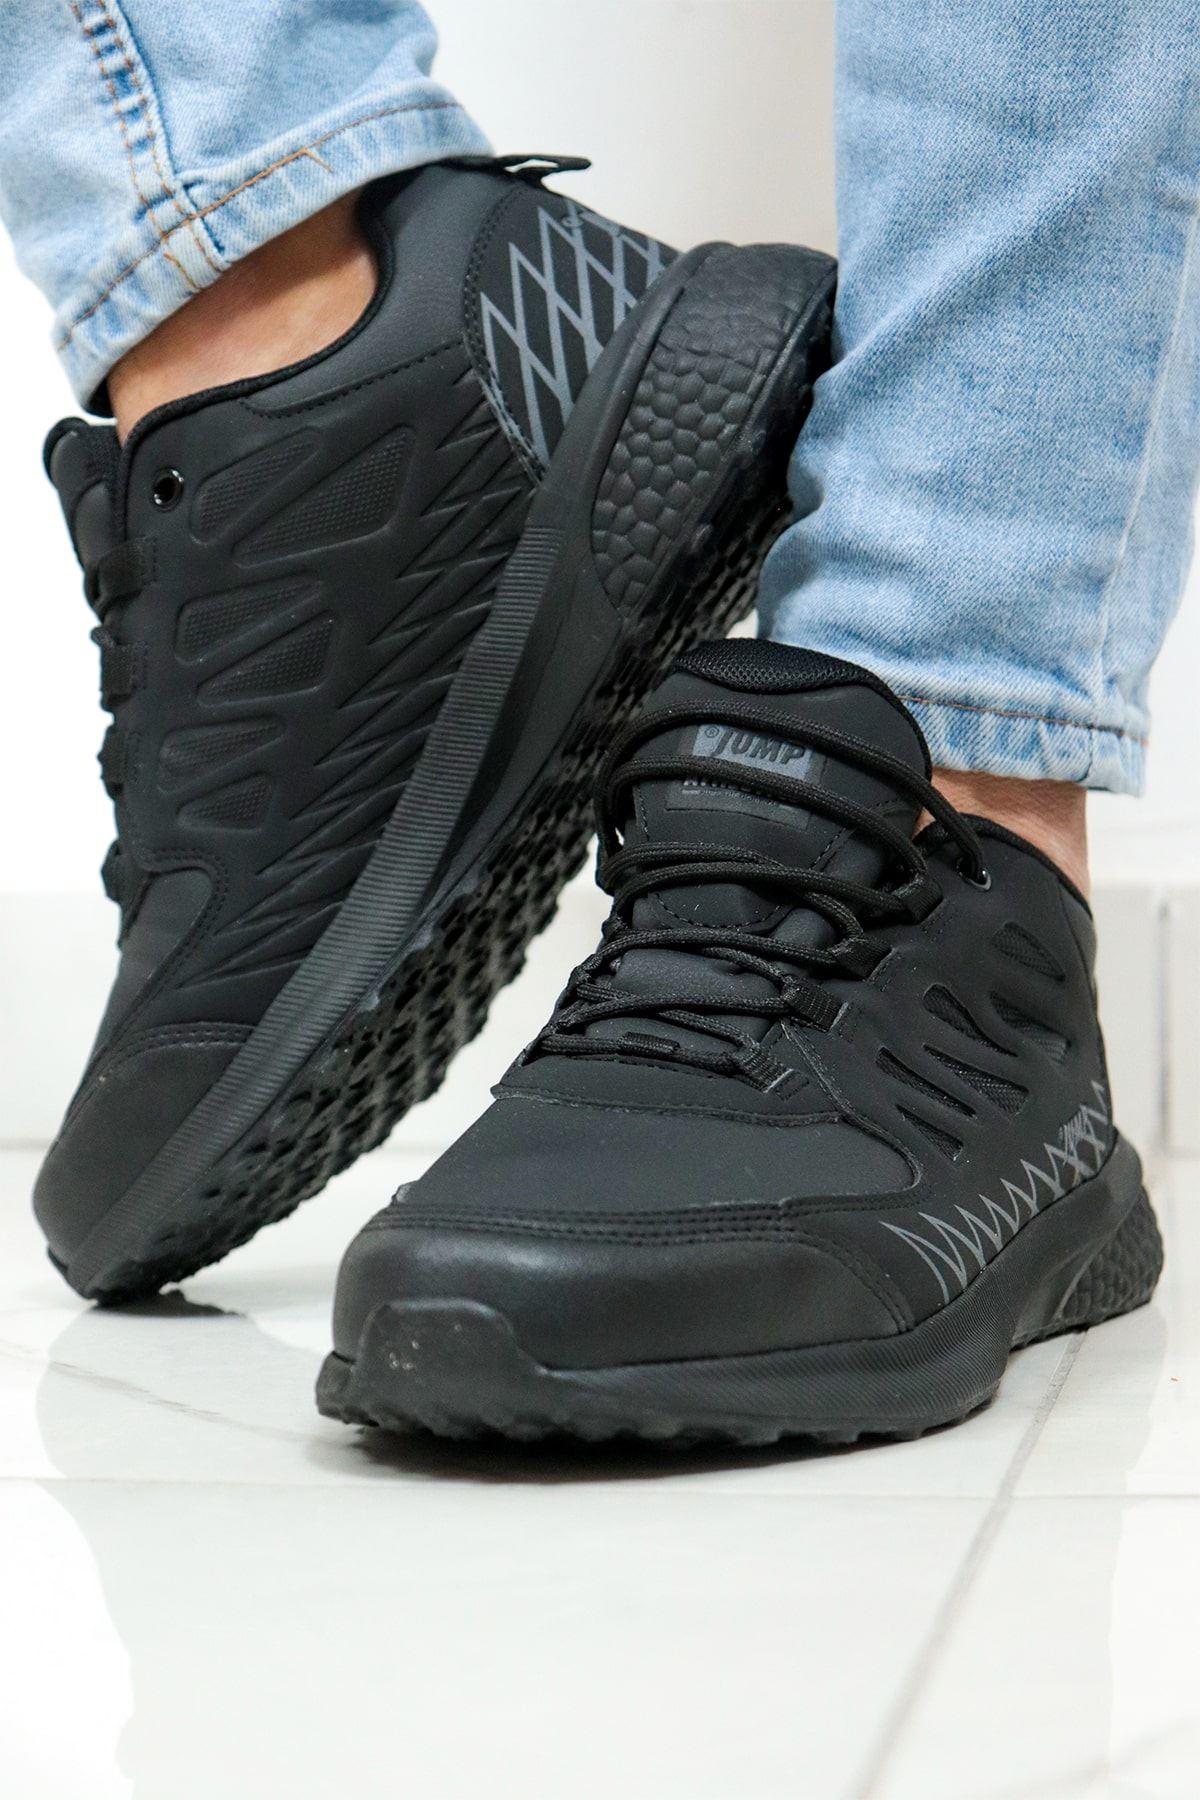 Jump - 25715 - Siyah Erkek Spor Ayakkabısı